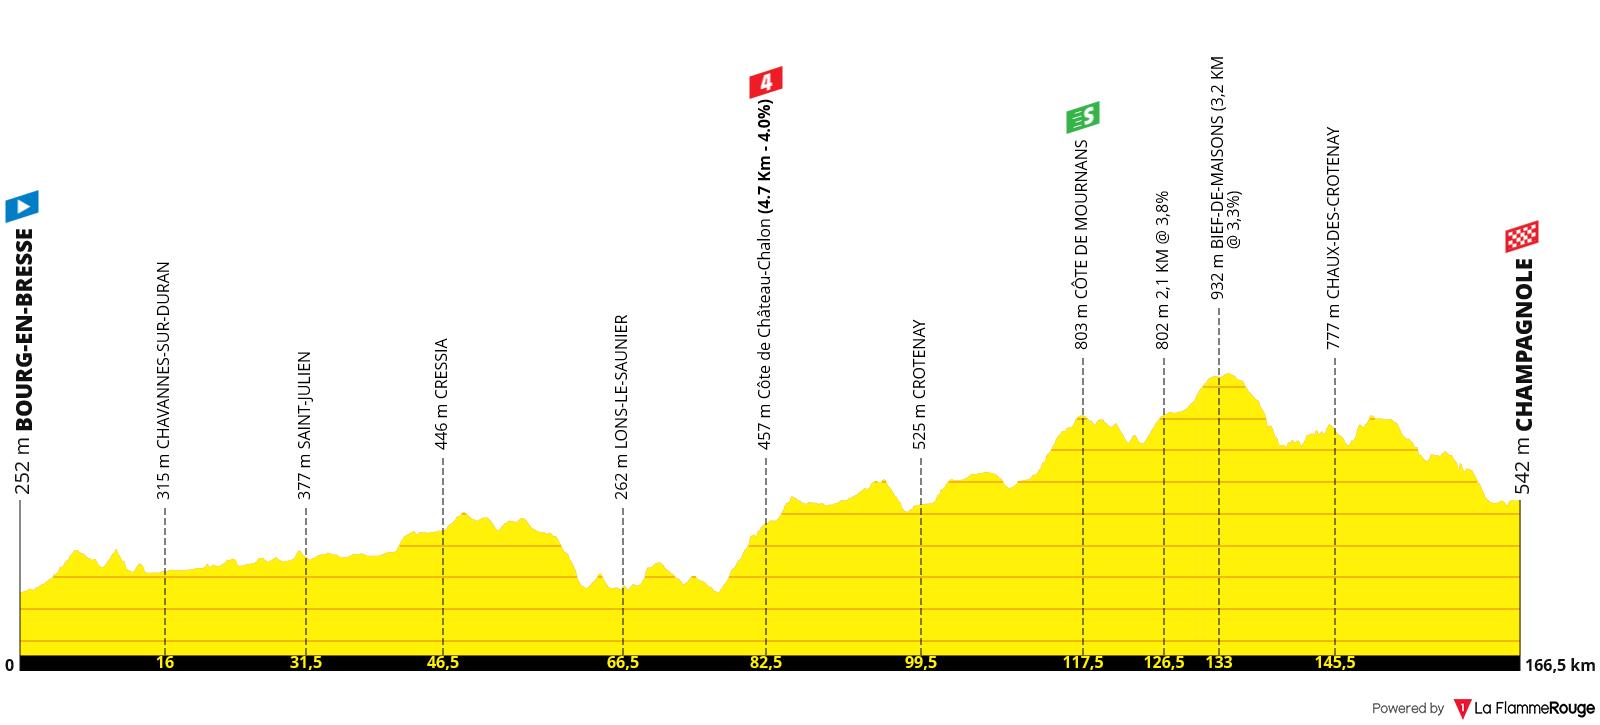 Perfil Etapa 19 - Tour de Francia 2020 - Bourg-en-Bresse > Champagnole